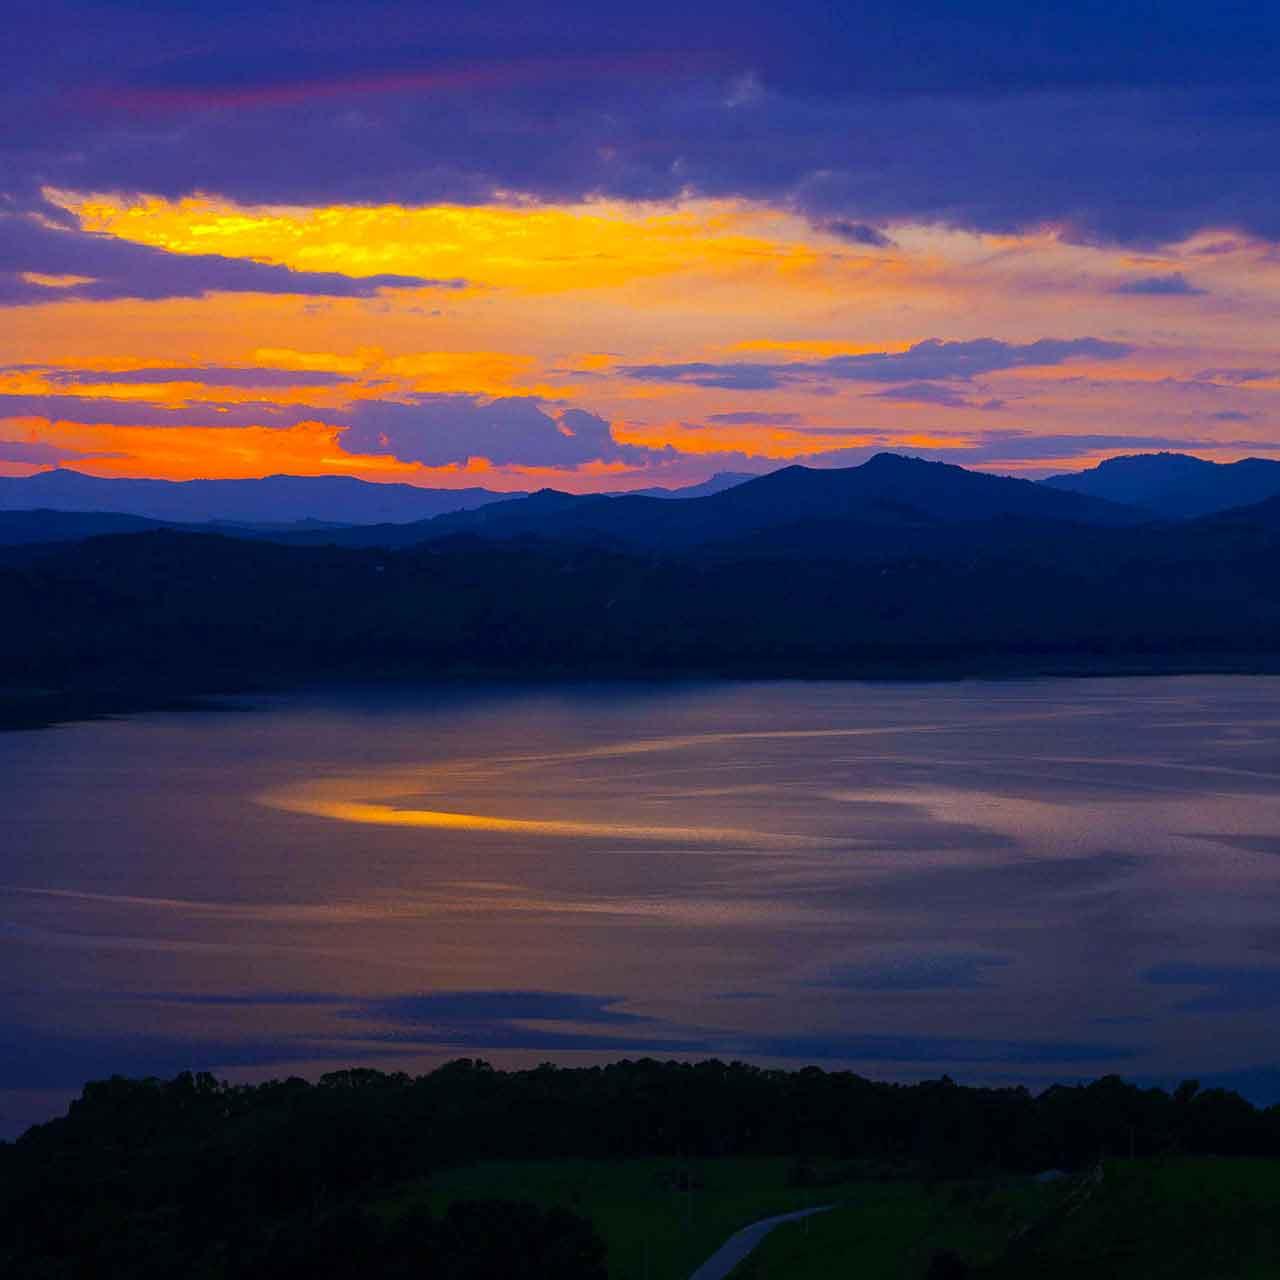 tramonto al lago pozzillo